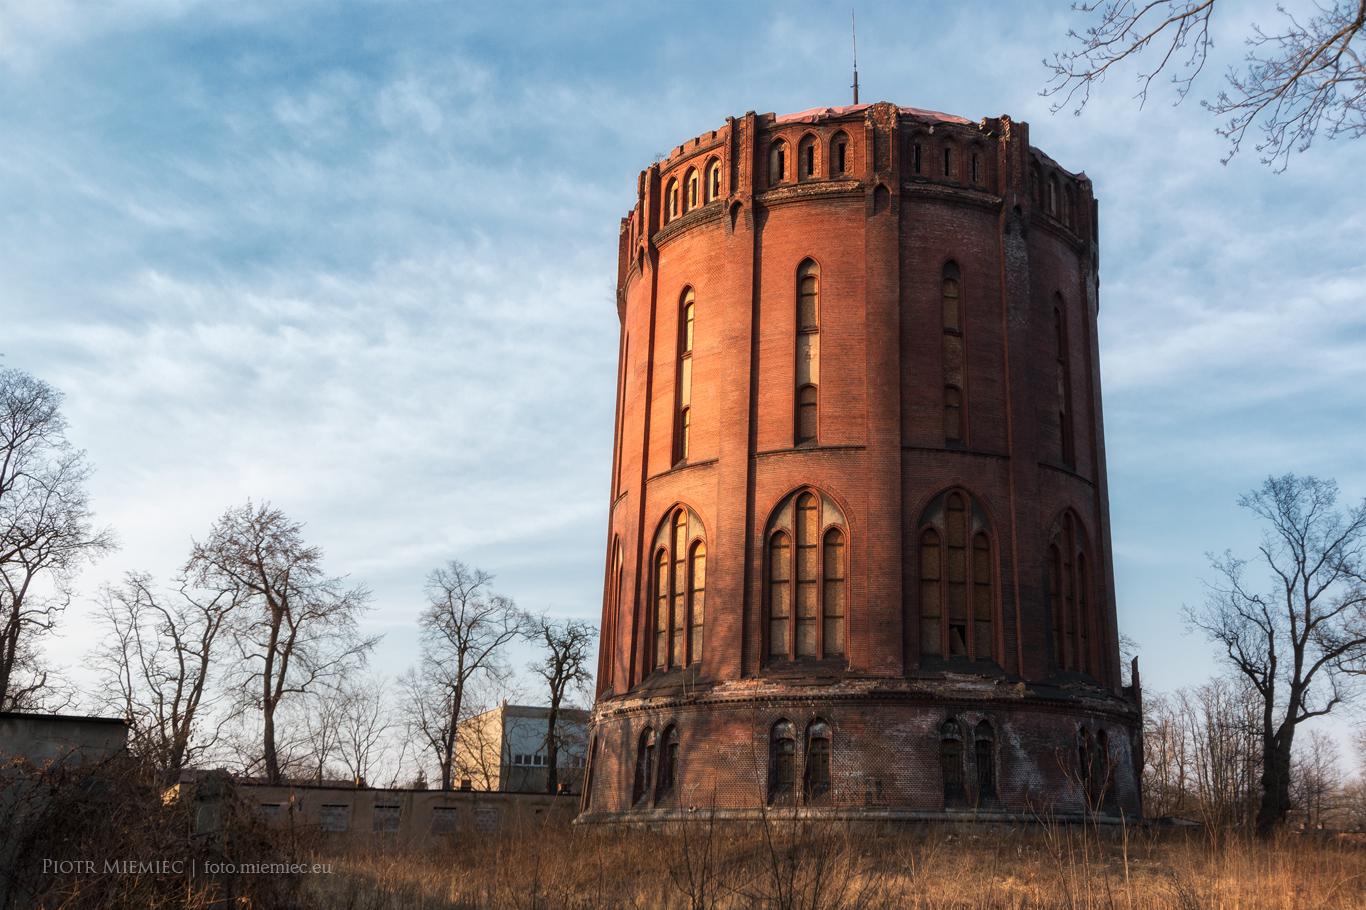 Wieża ciśnień w Gliwicach – marzec 2018